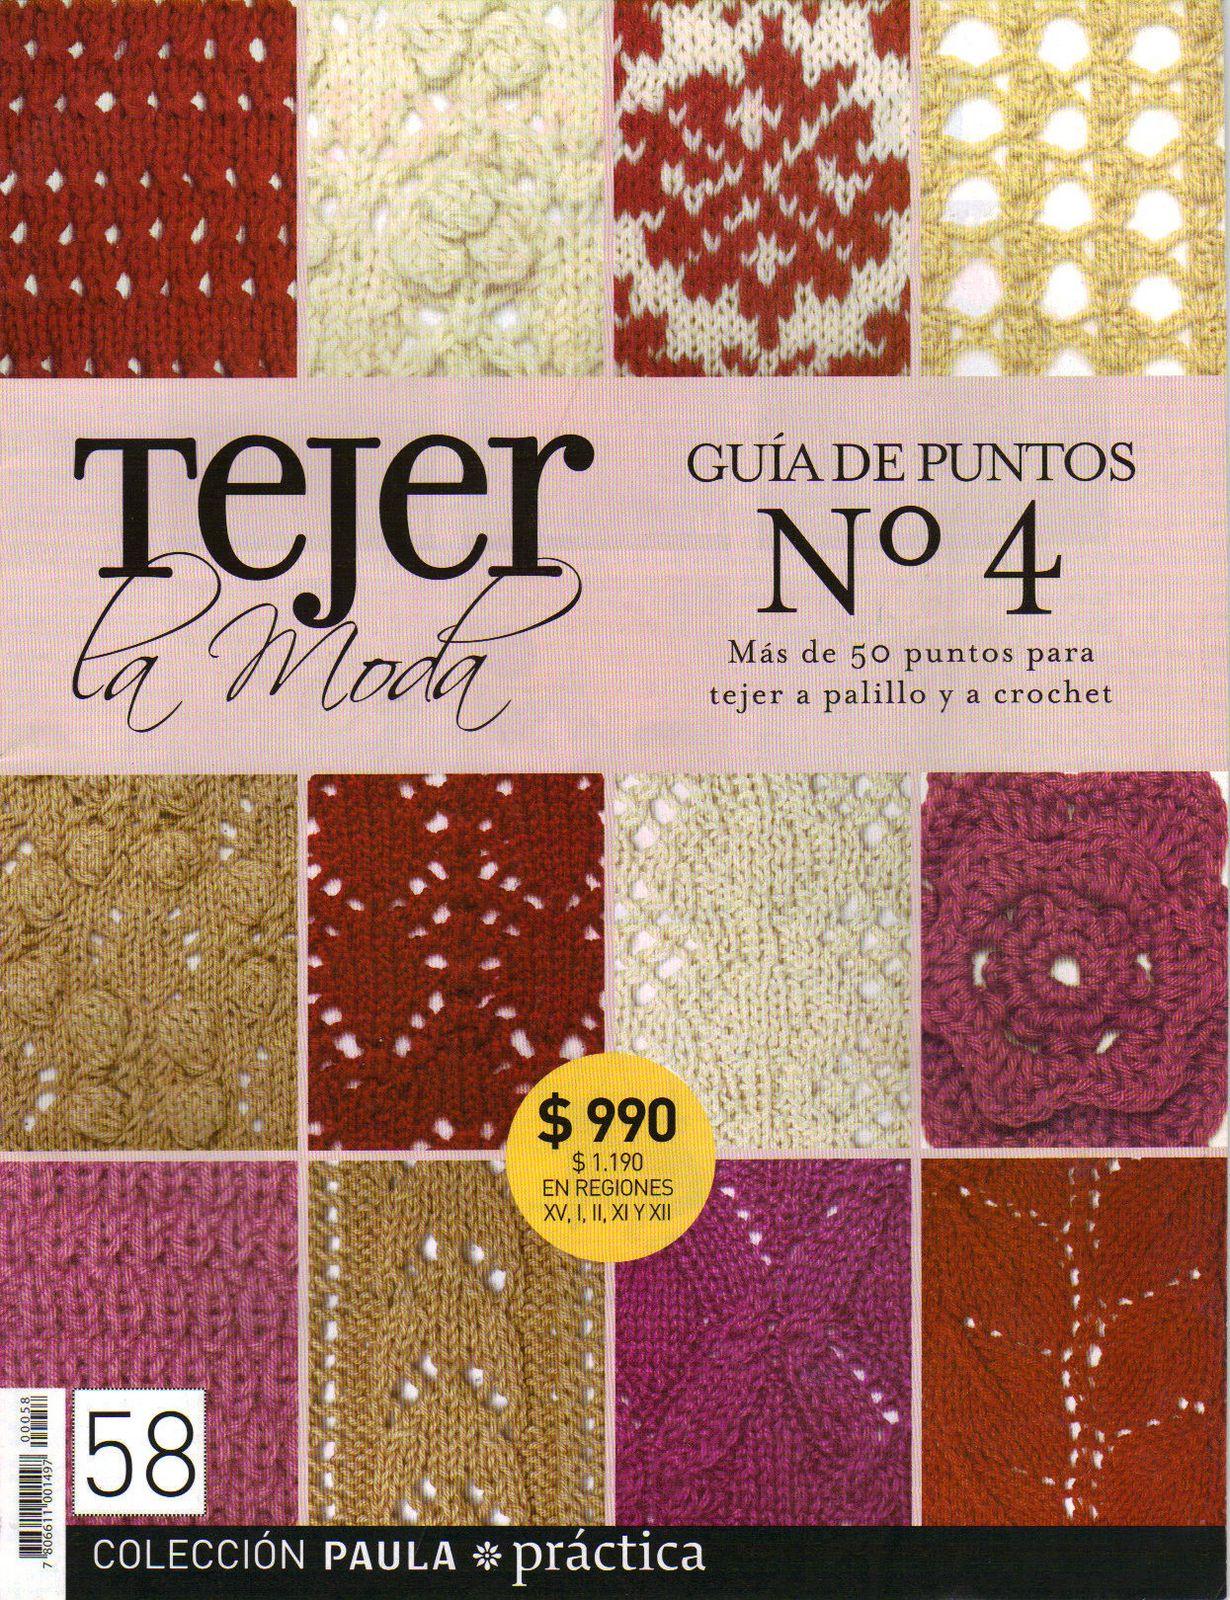 Revista Con Guia De Puntos Para Tejer A Palillo Y